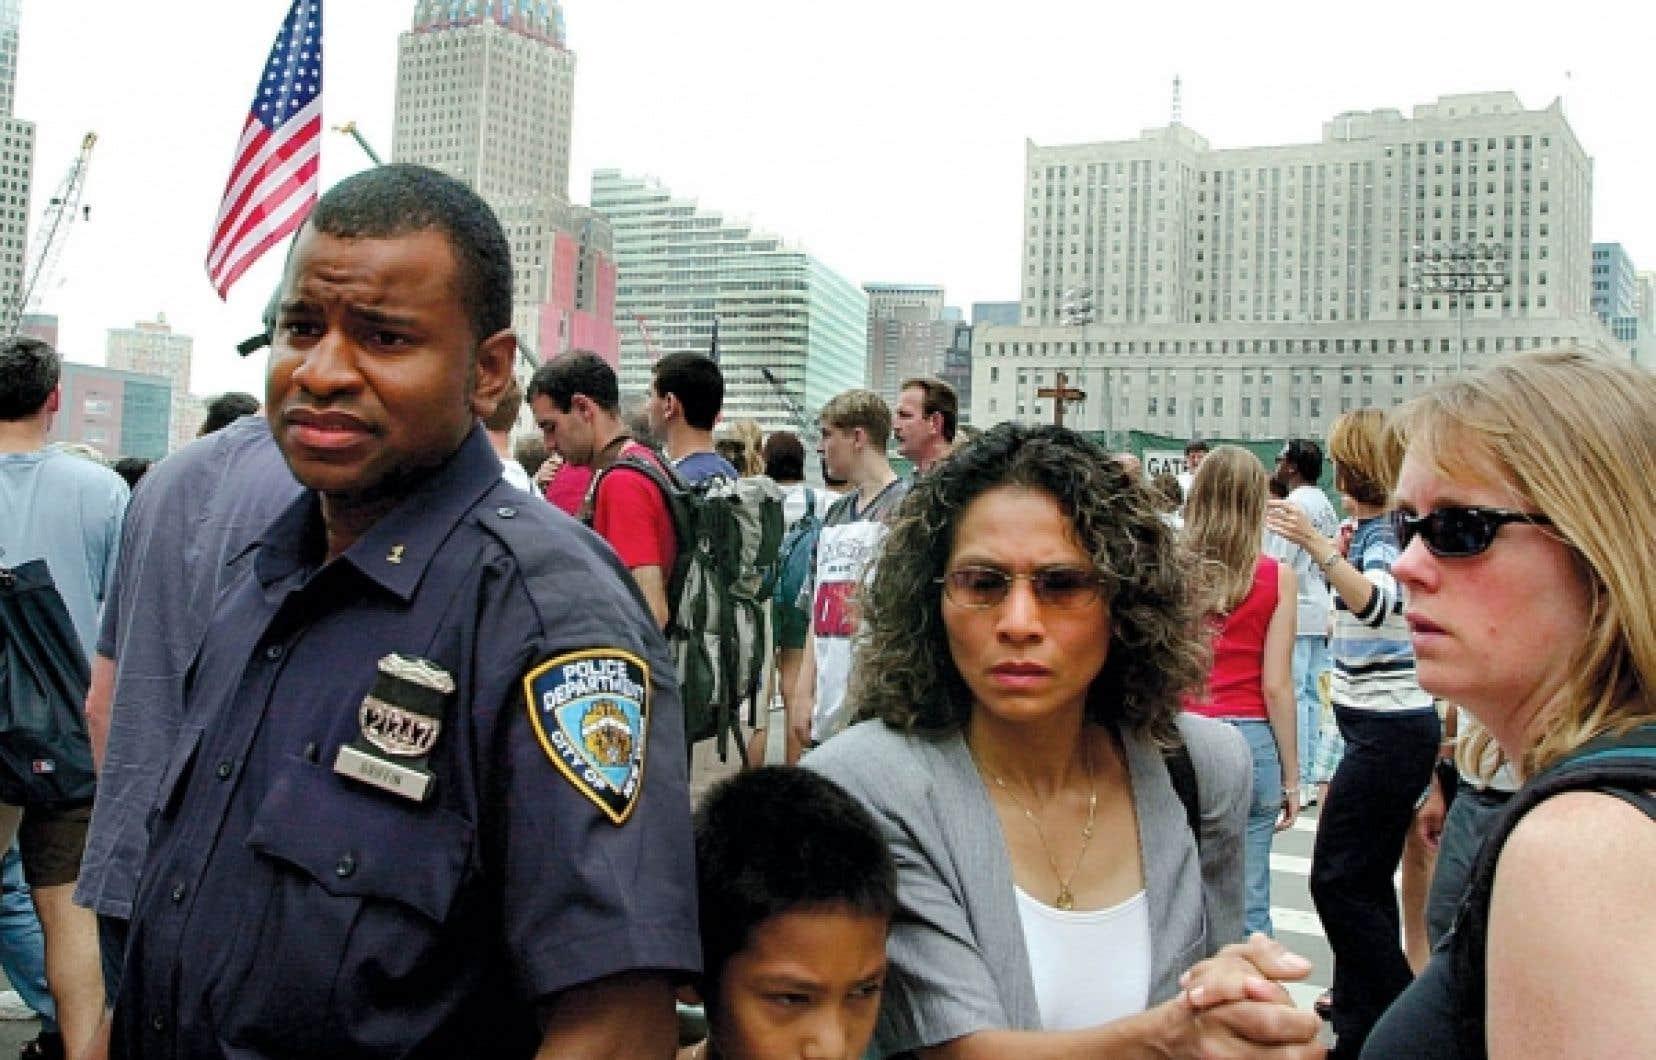 Un an apr&egrave;s les attentats, &agrave; New York, les visages laissaient toujours voir des craintes. Une m&eacute;diatisation extr&ecirc;me est venue alimenter un catastrophisme ambiant d&eacute;j&agrave; tr&egrave;s pr&eacute;sent, estime le politologue Bruno Tertrais.<br />